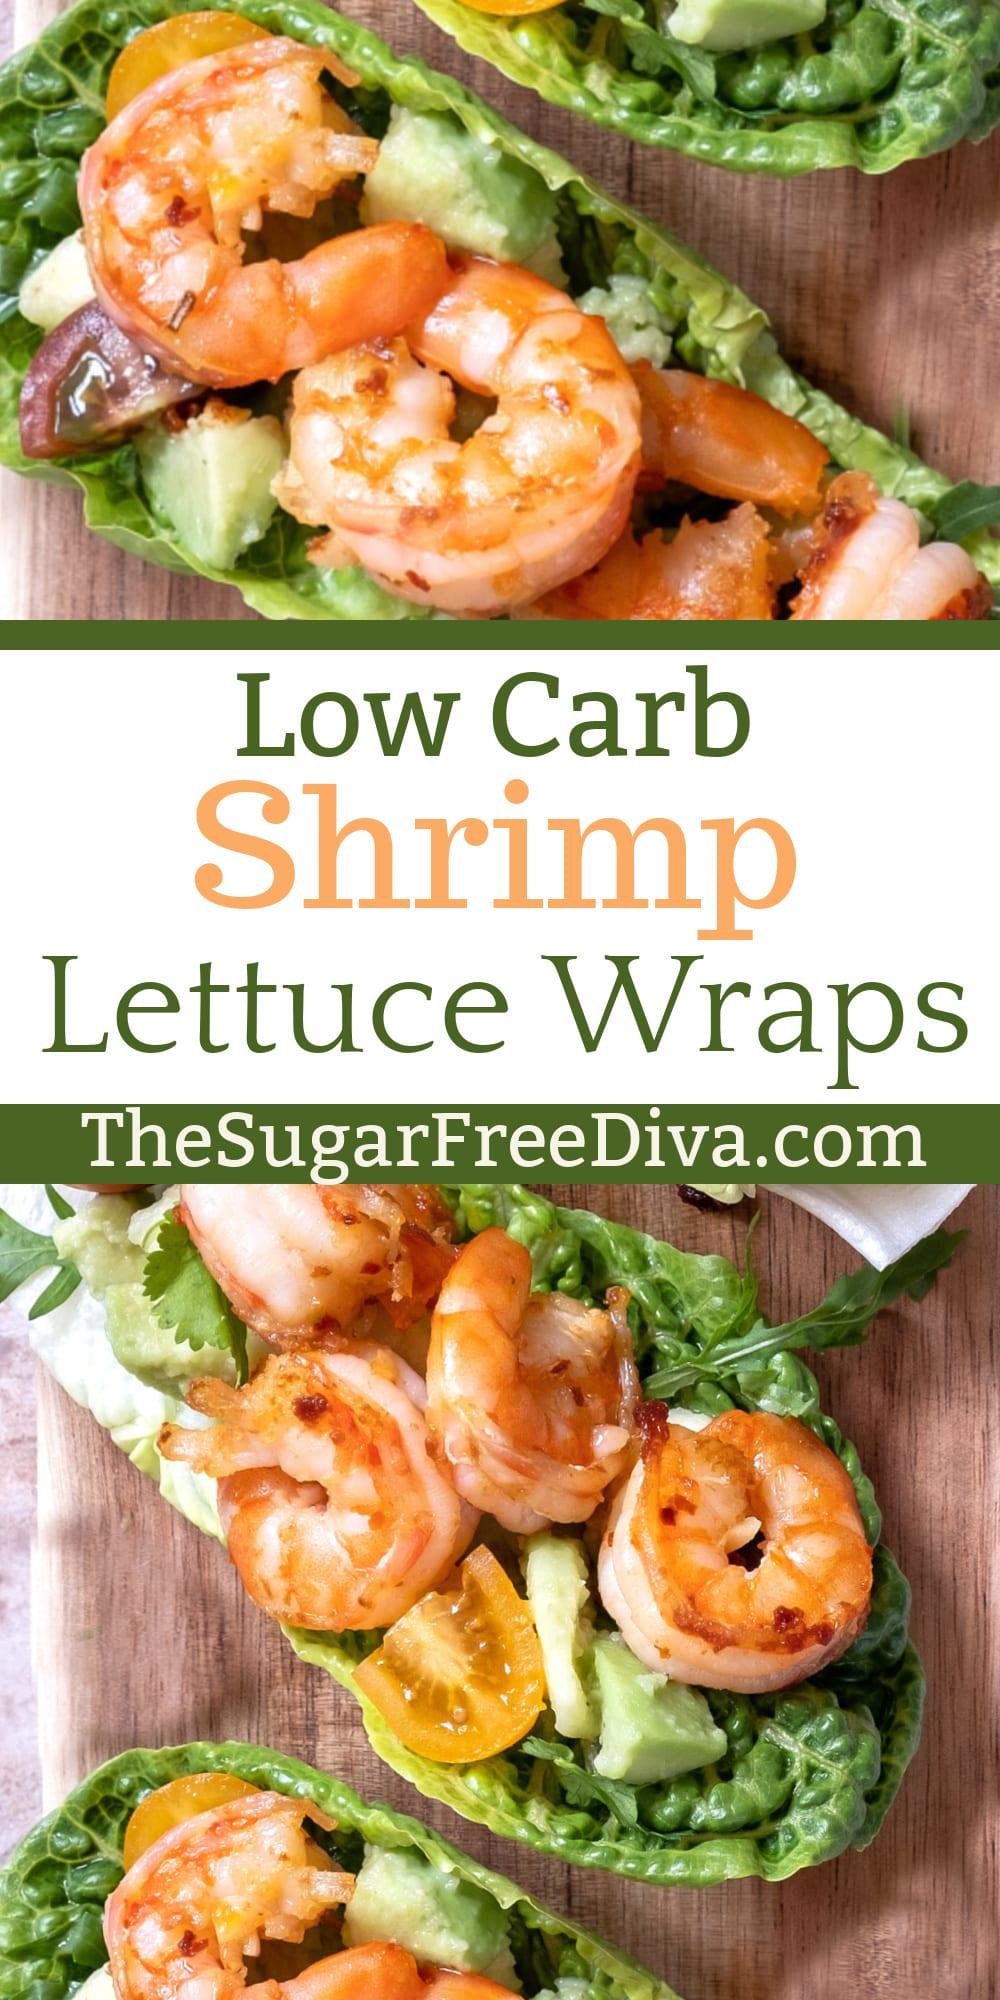 Low Carb Shrimp Lettuce Wraps